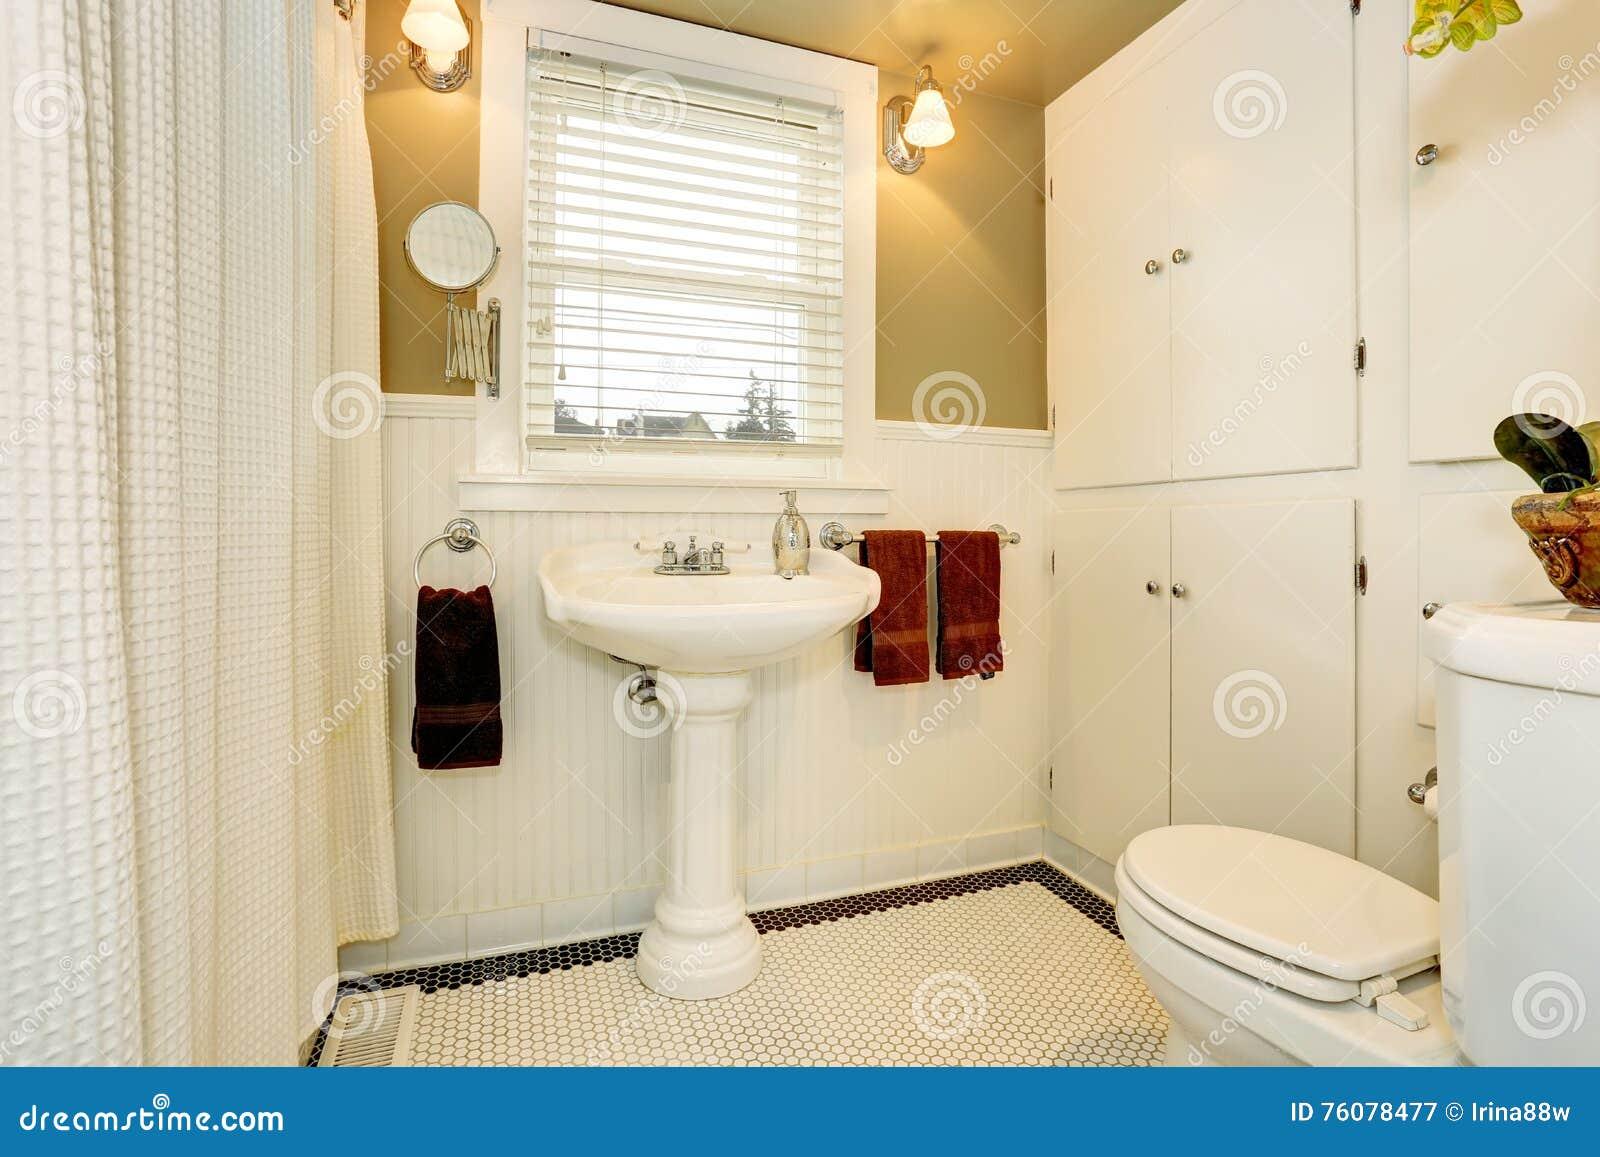 Amerikanisches Badezimmer In Den Weißen Tönen Mit Weißer Wanne Und